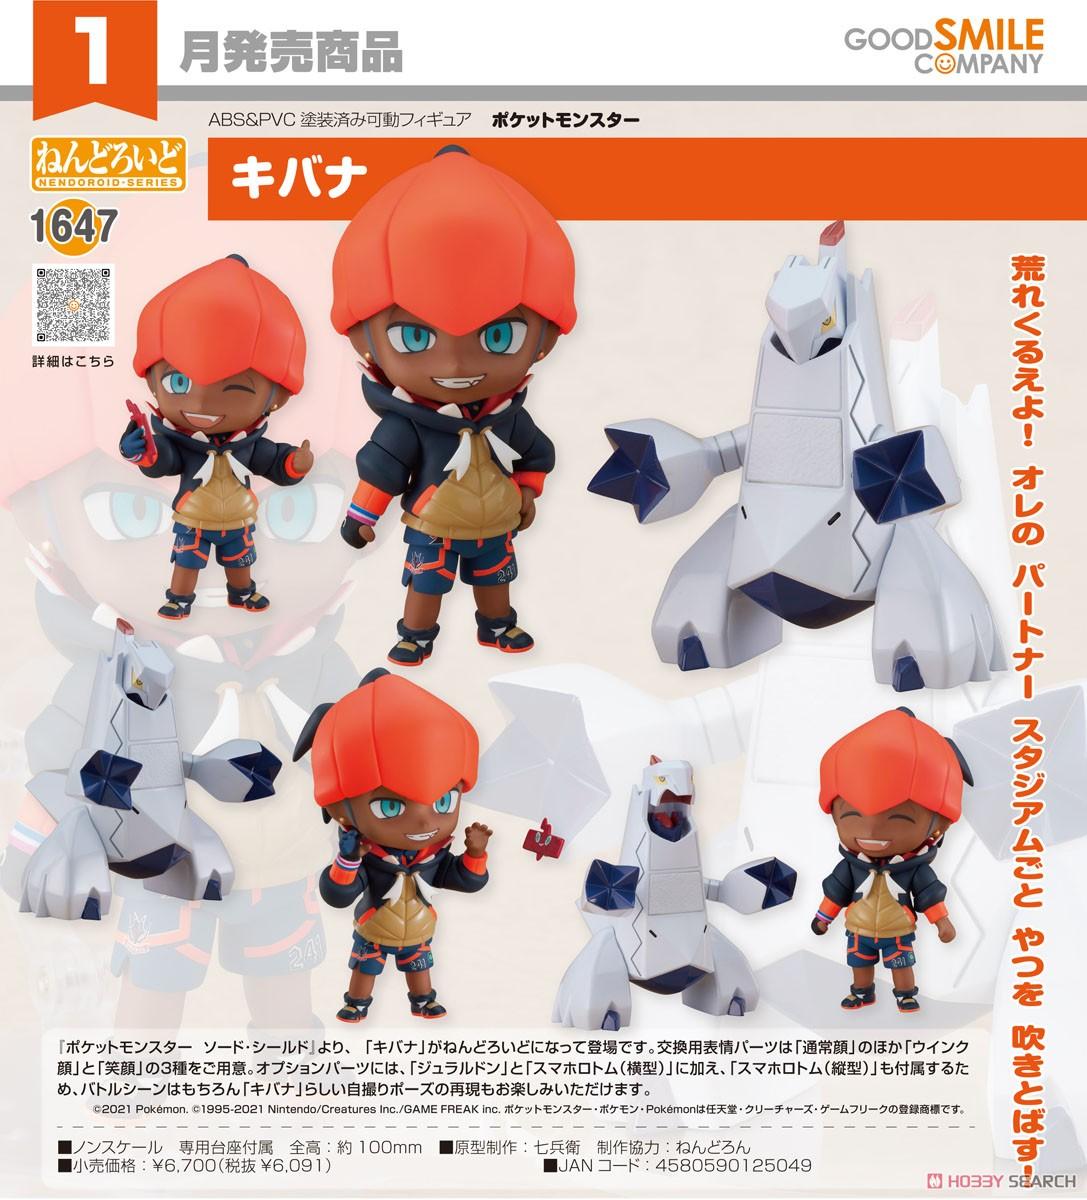 ねんどろいど『キバナ』ポケットモンスター ソード・シールド デフォルメ可動フィギュア-006